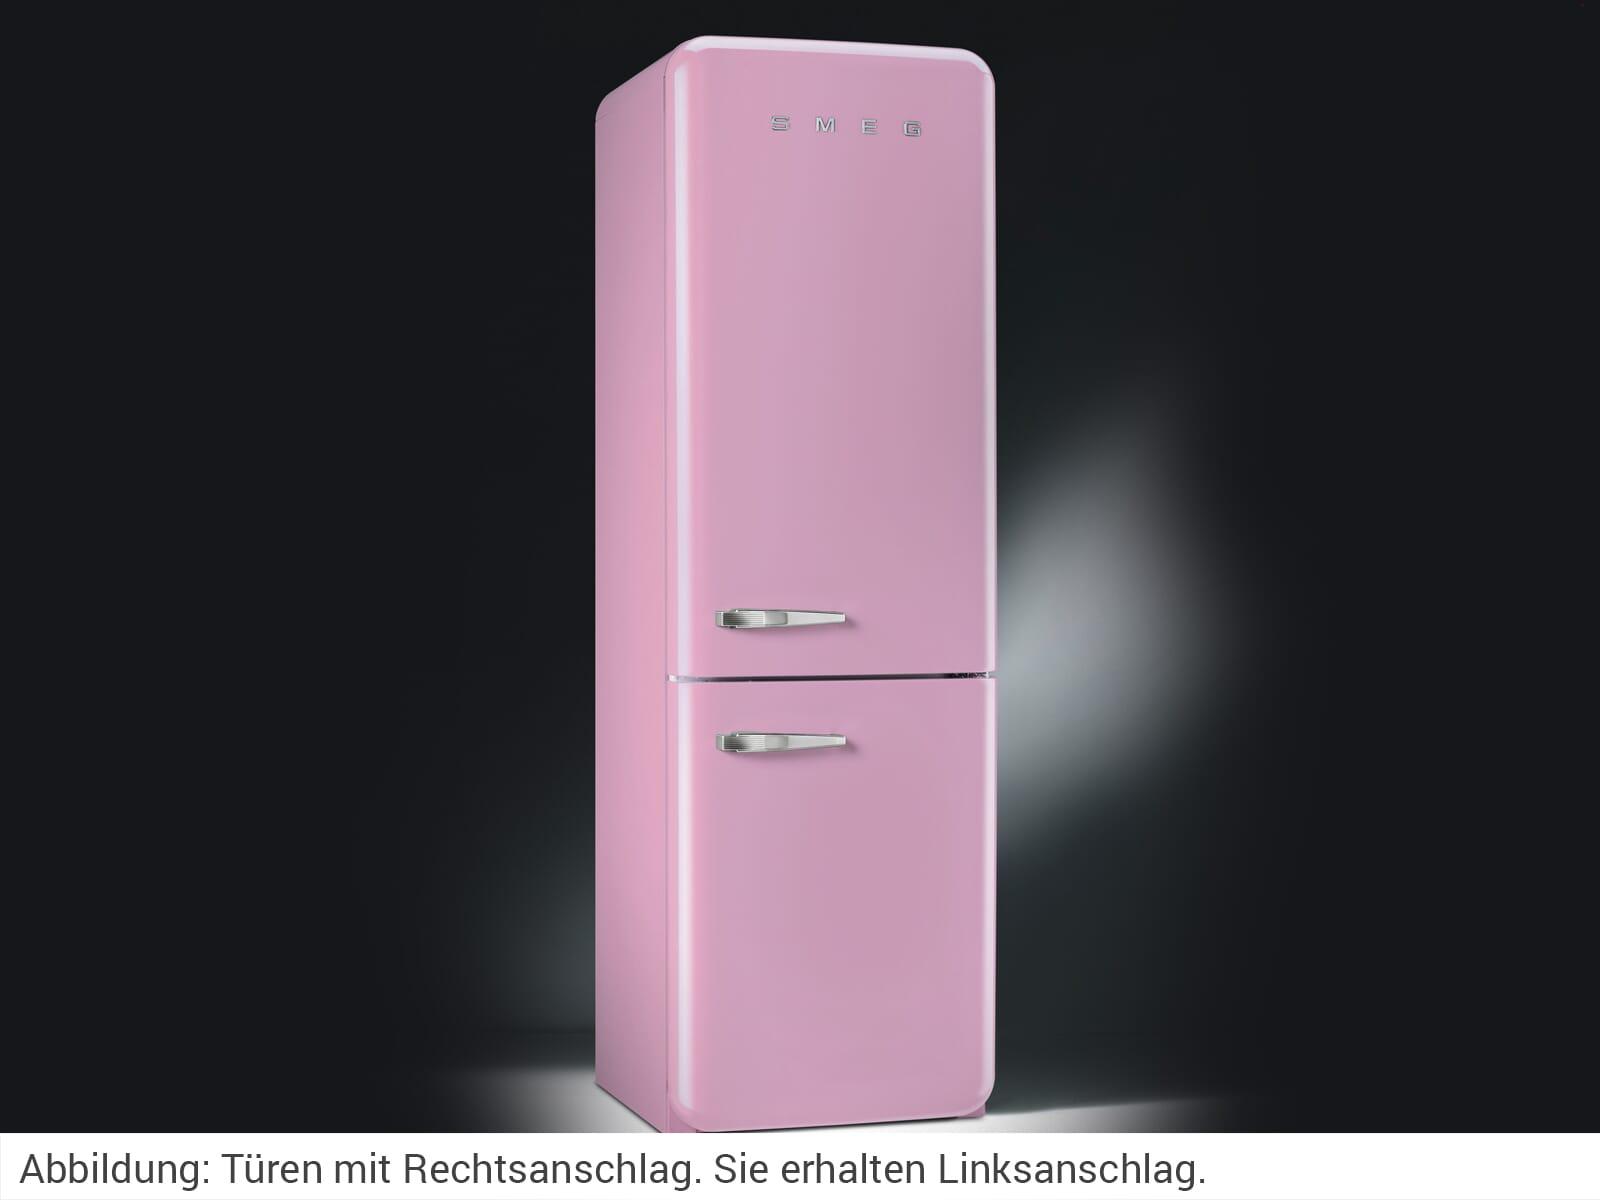 Smeg Kühlschrank Rosa Klein : Smeg fab lpk kühl gefrierkombination cadillac pink